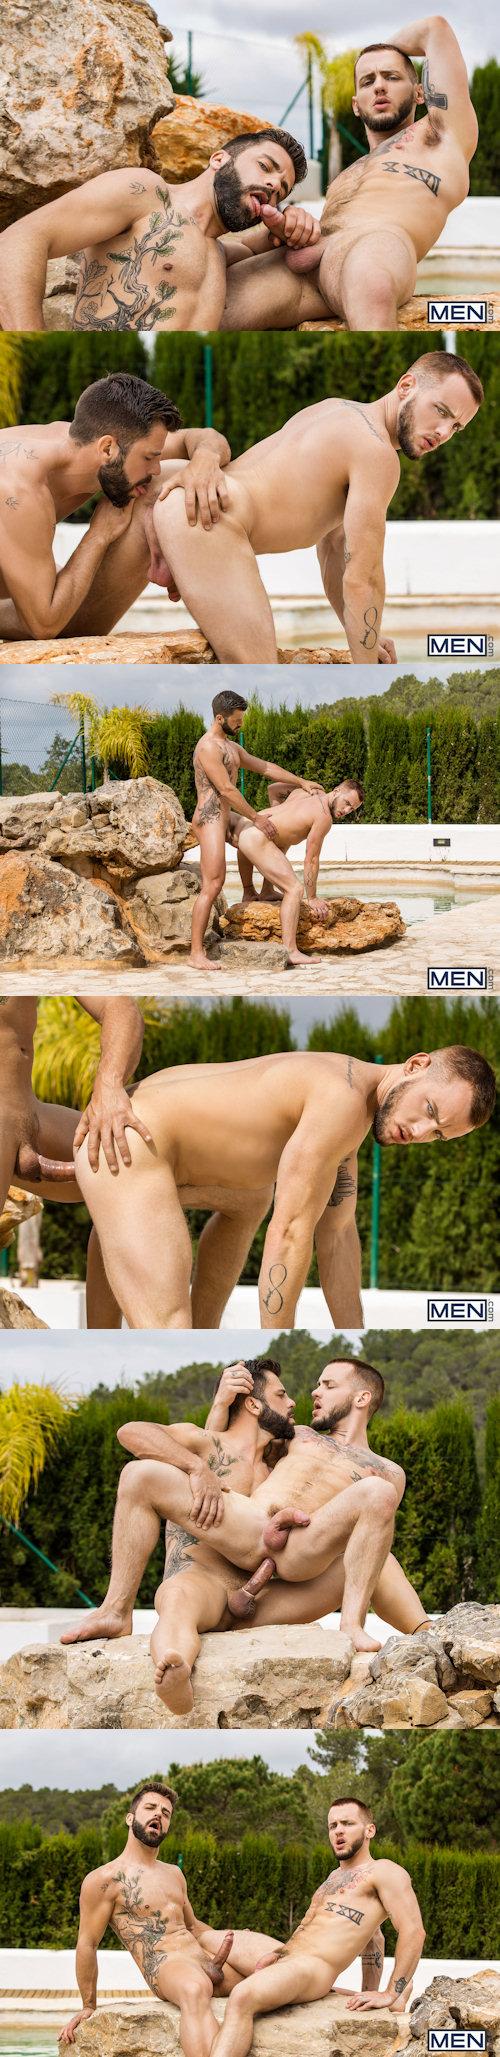 men-colton-grey-hector-de-silva-2.jpg